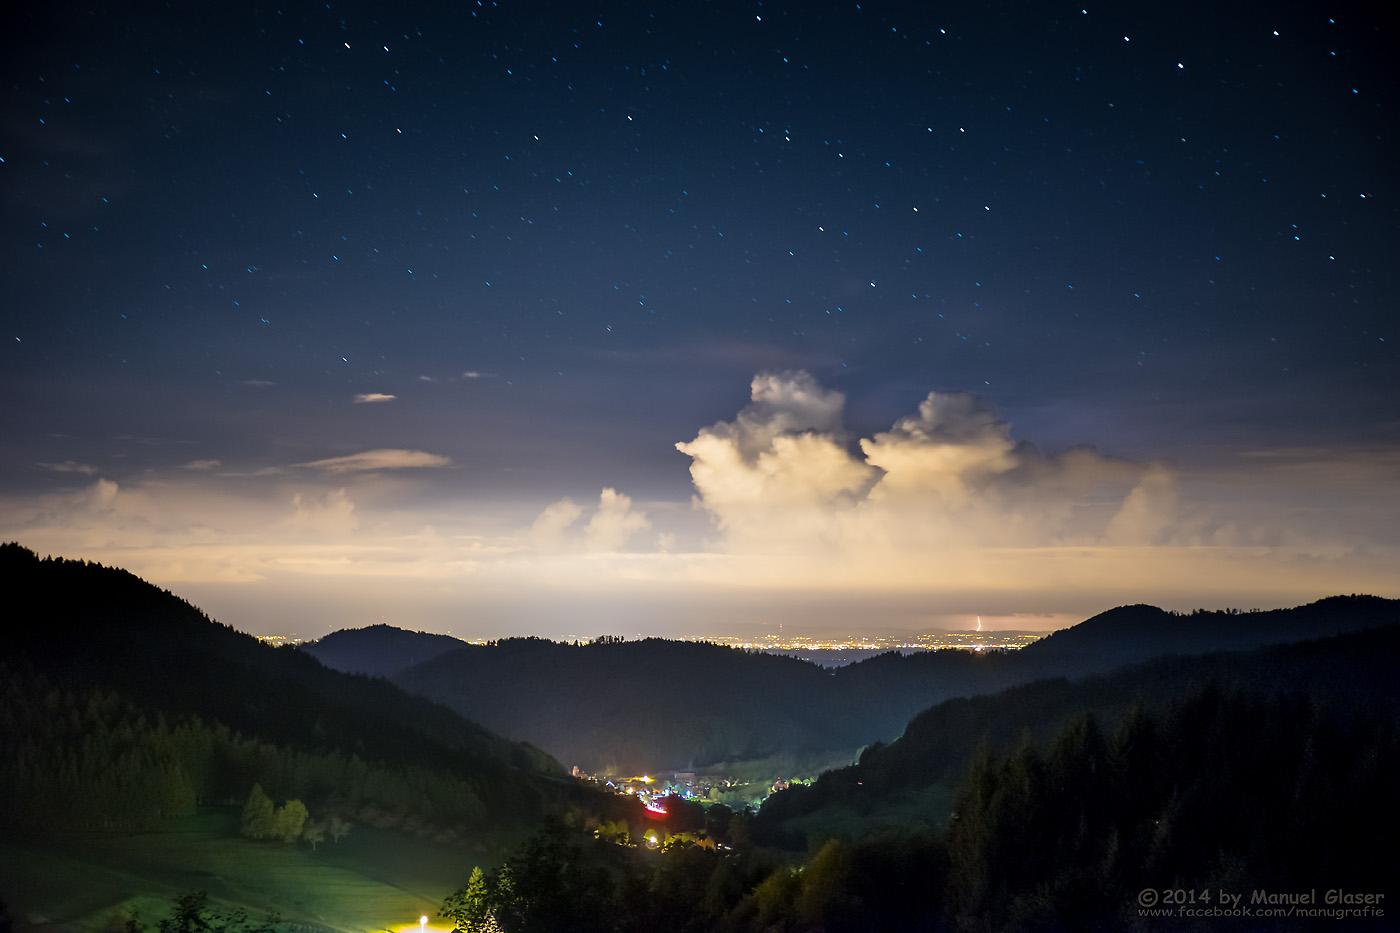 Gewitterwolken unter'm Sternenhimmel